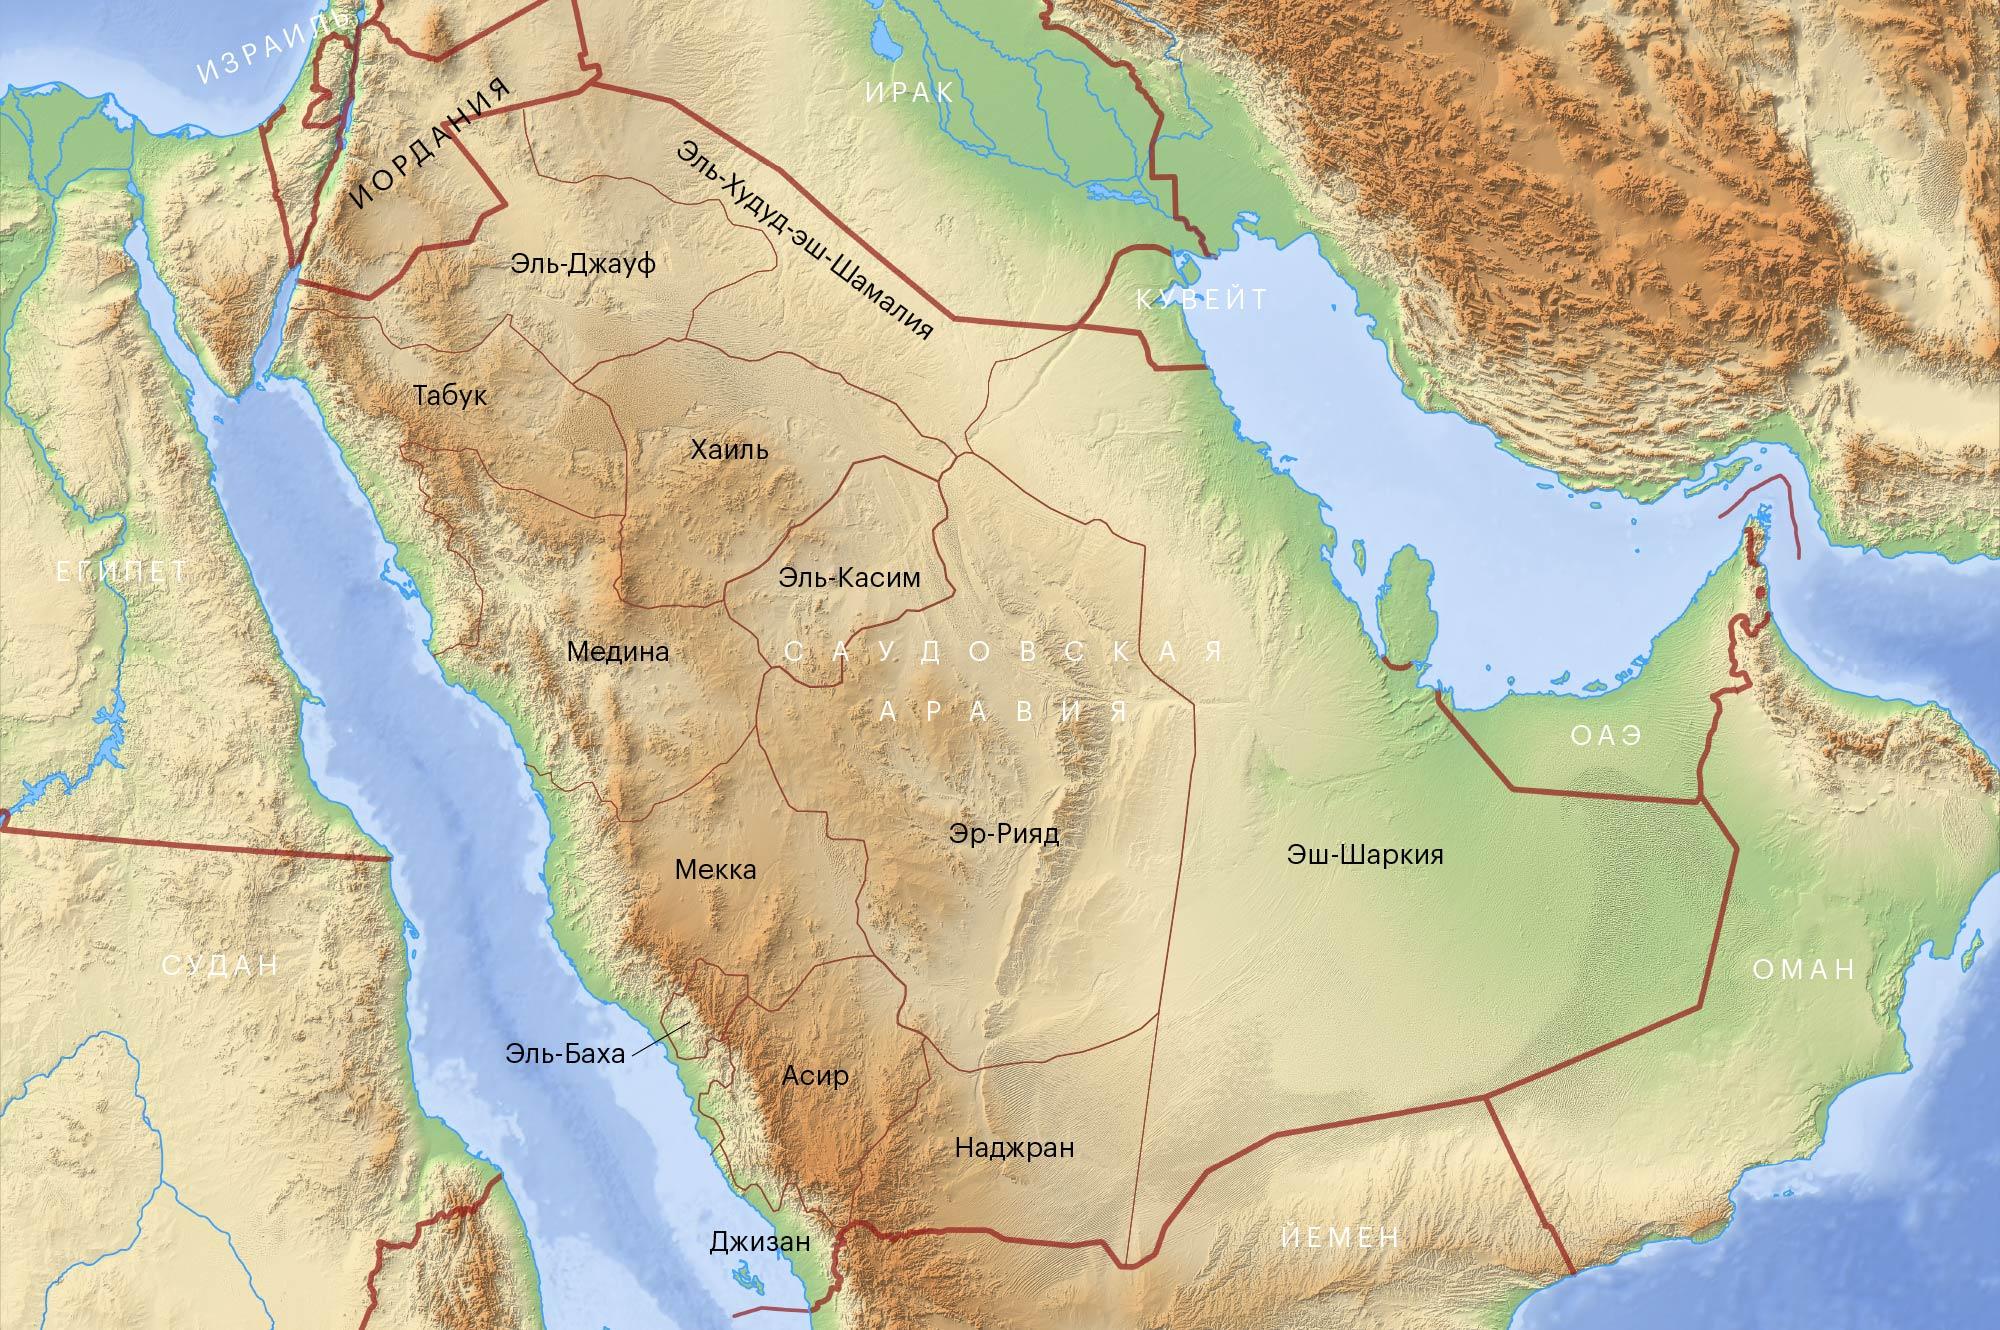 Саудовская Аравия состоит из 13 провинций